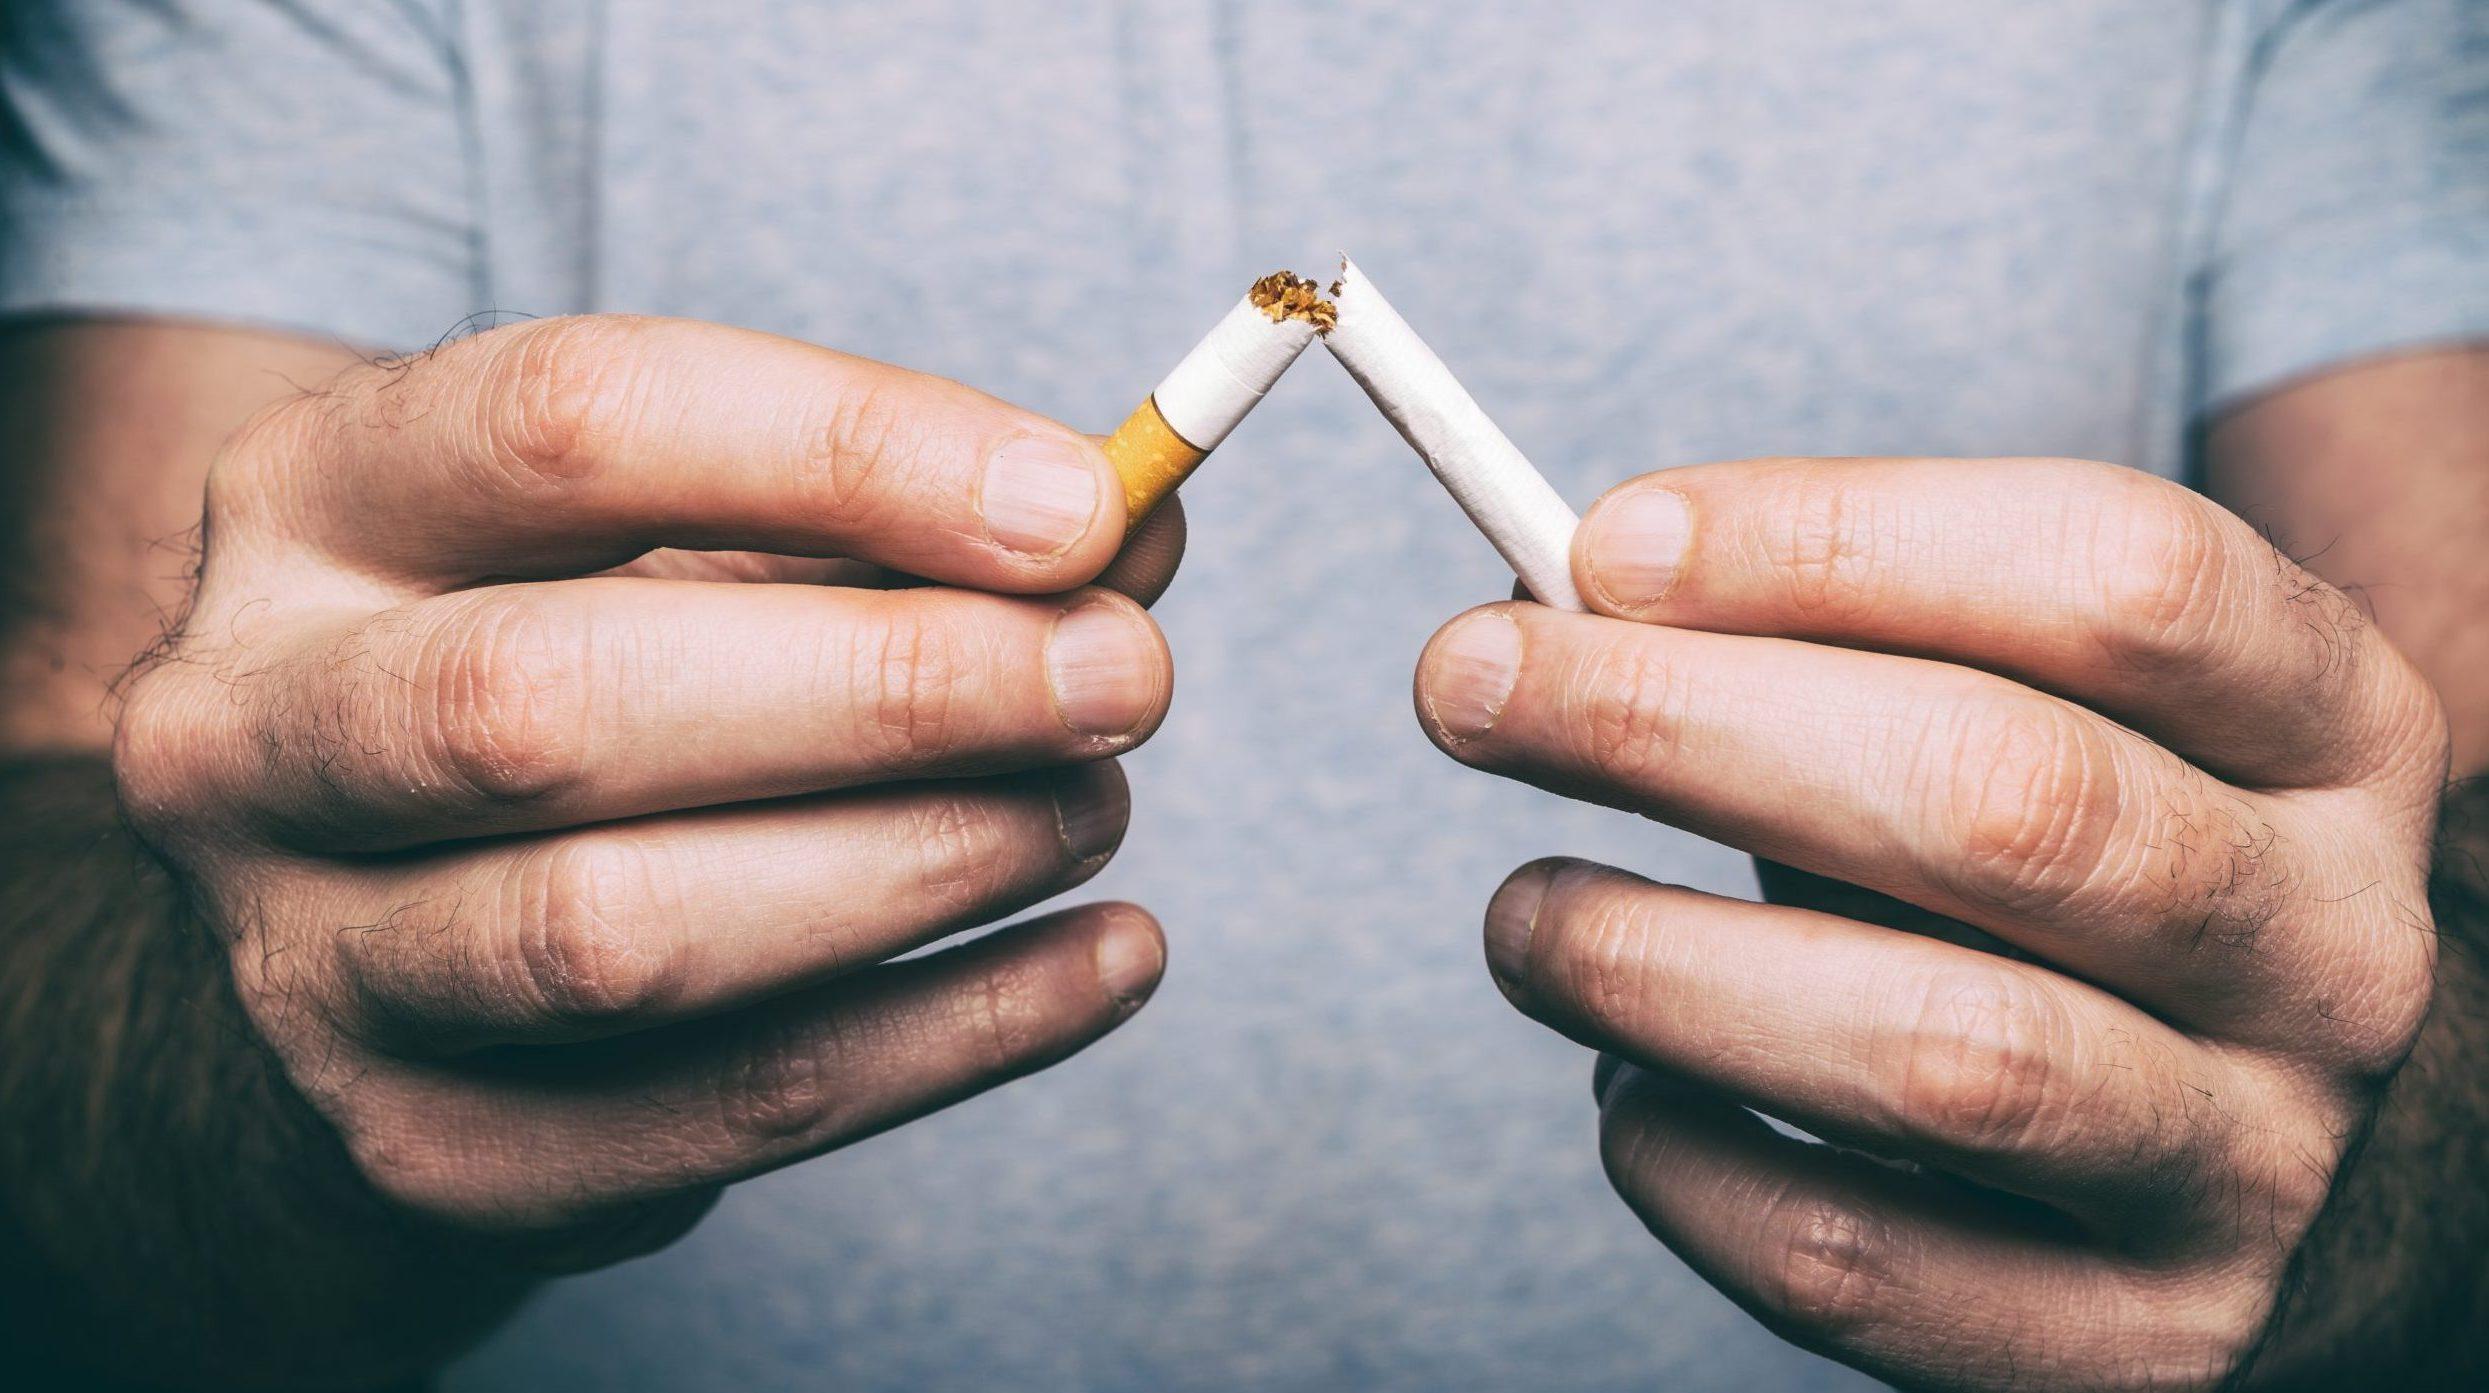 Razmislite o opustitvi rabe tobačnih in povezanih izdelkov v času epidemije COVID-19